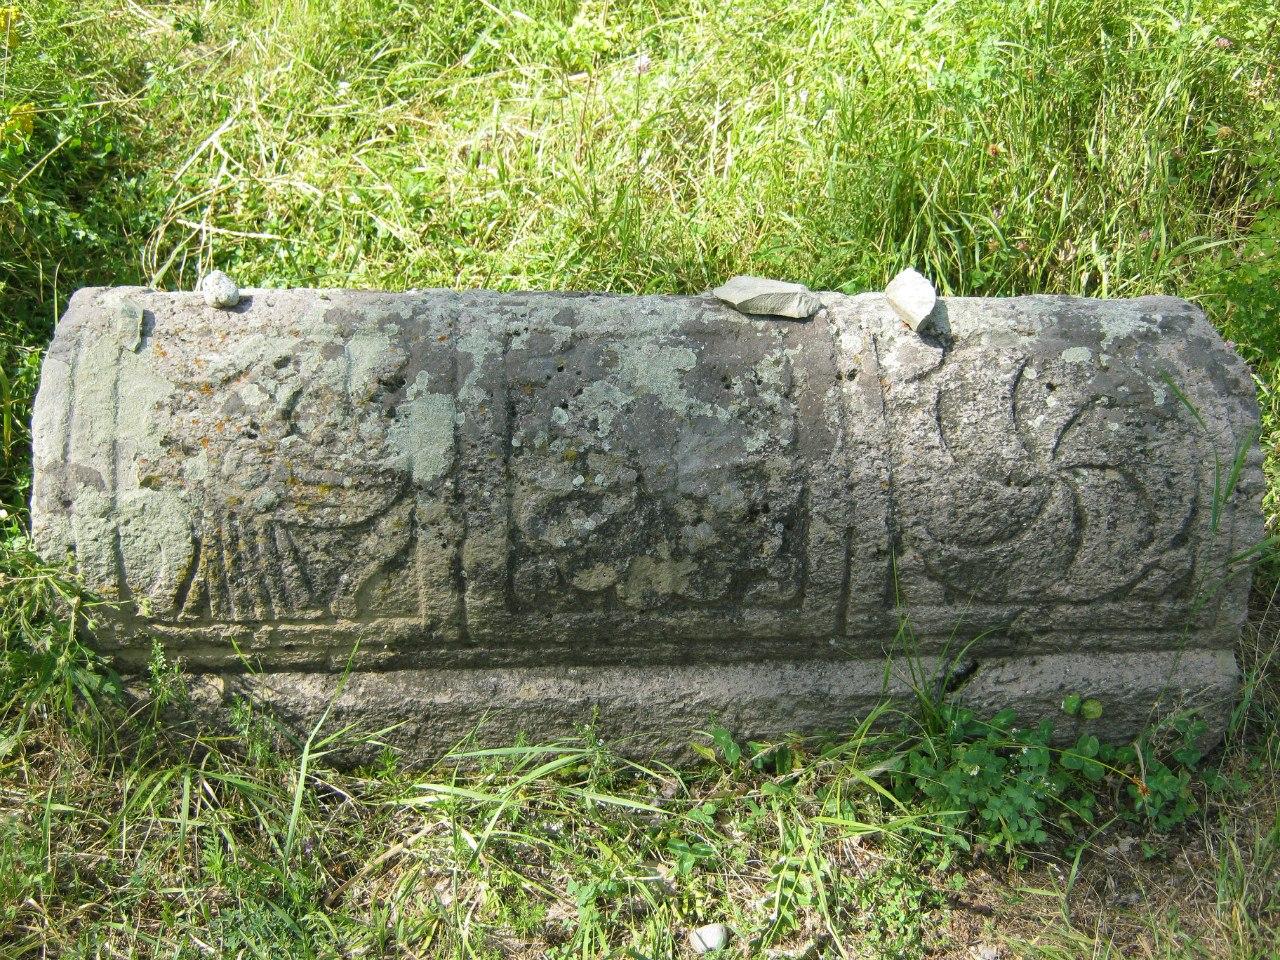 надгробный камень на еврейском кладбище в селе Егегис